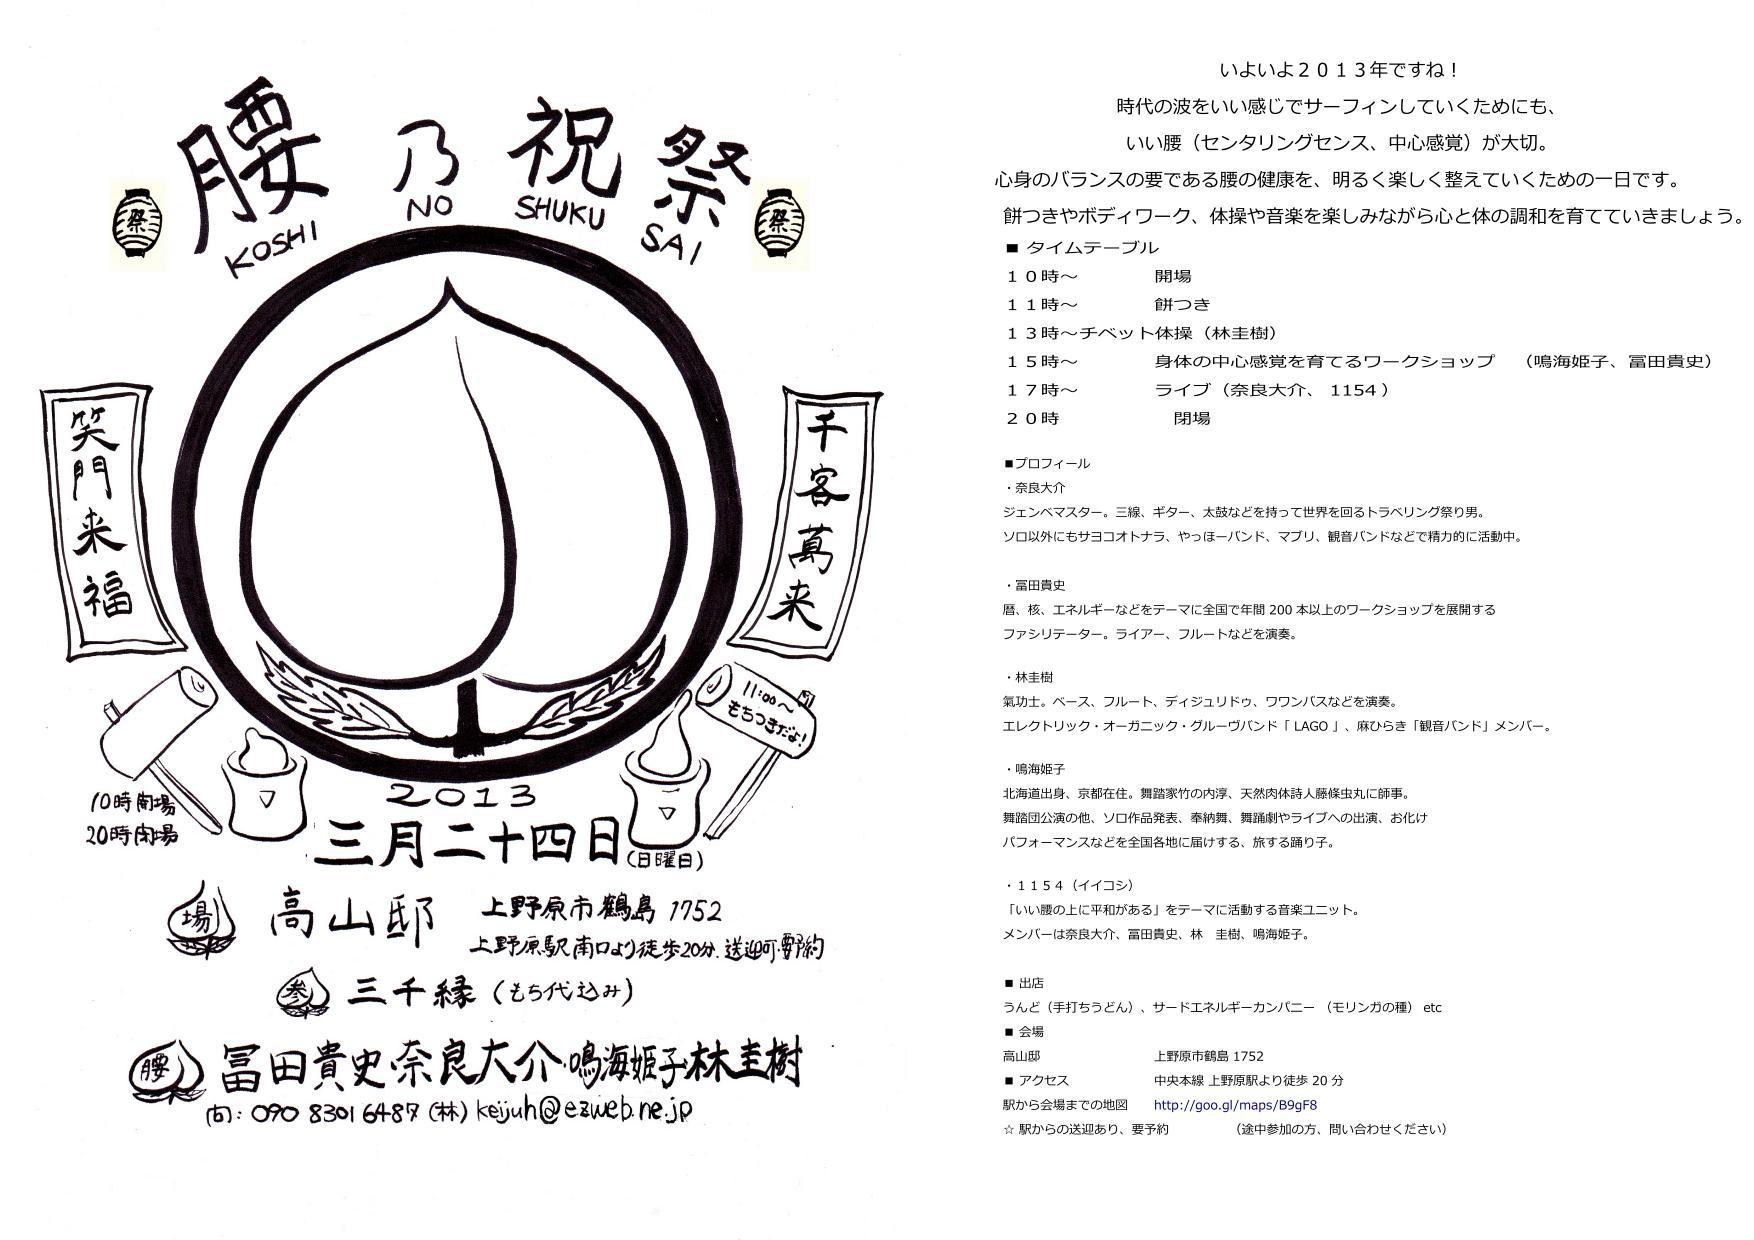 3月24日(日) 腰の祝祭2013 @高山邸